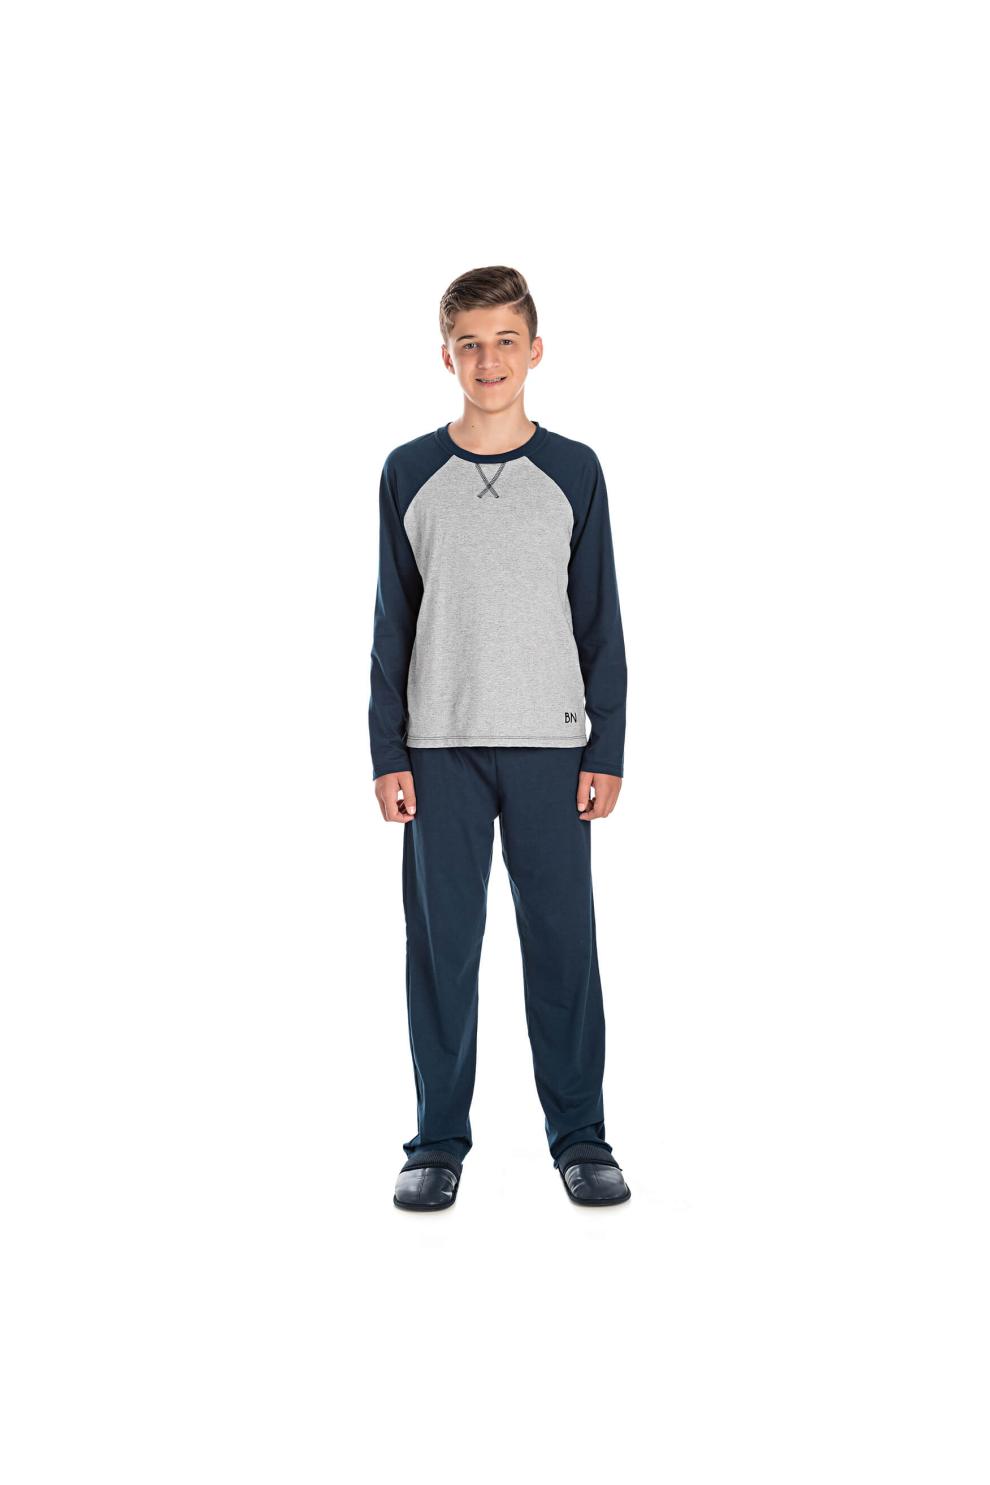 050/J - Pijama Juvenil Masculino com Aplique Termocolante